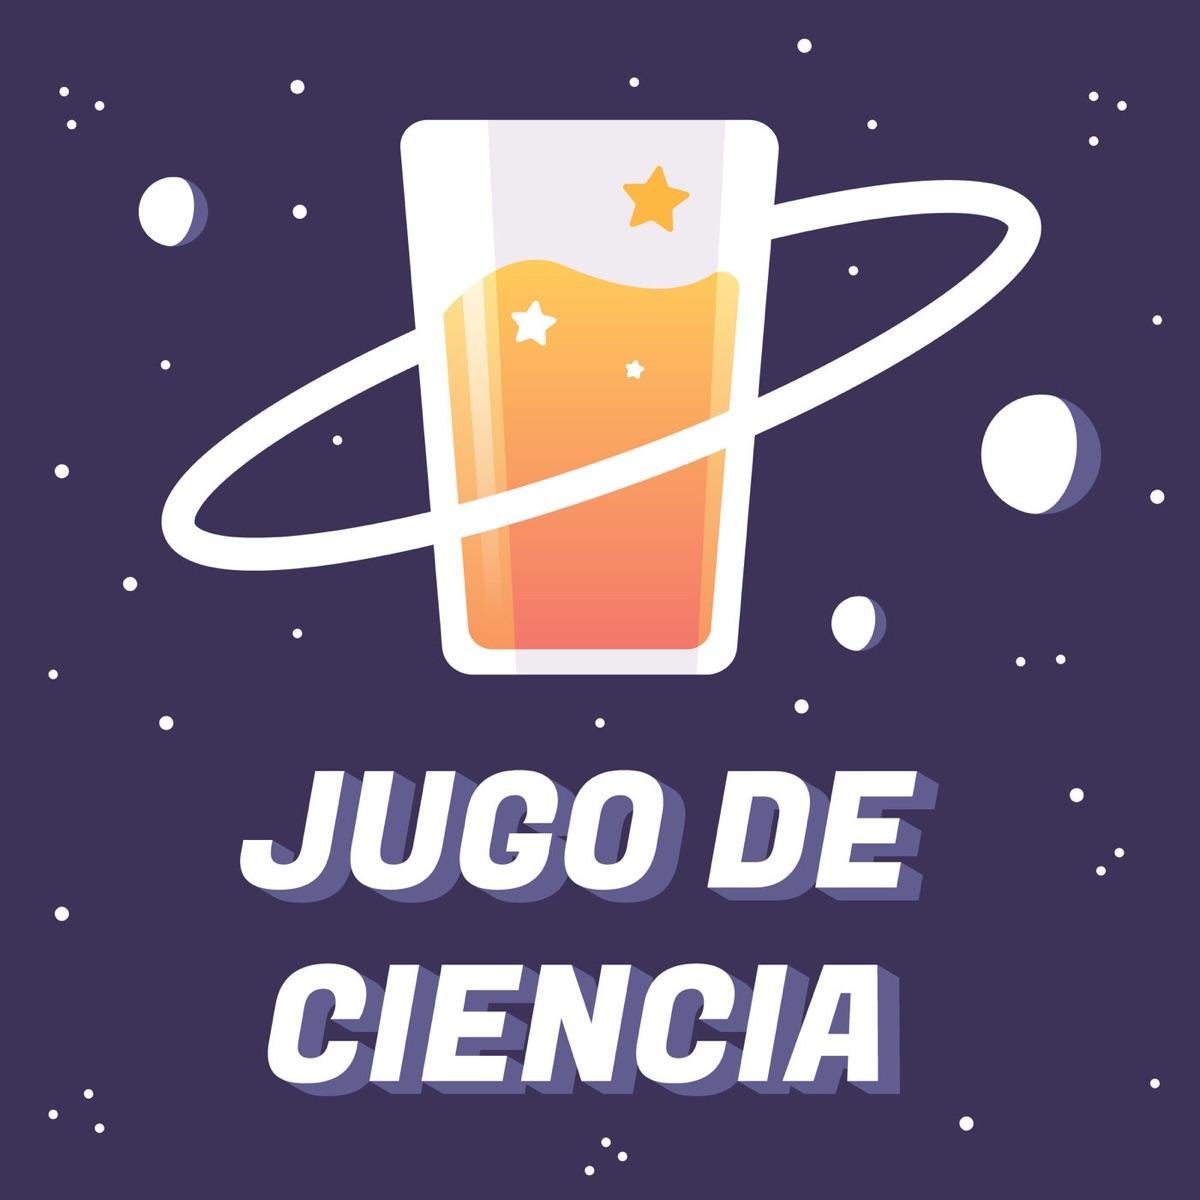 Jugo de Ciencia